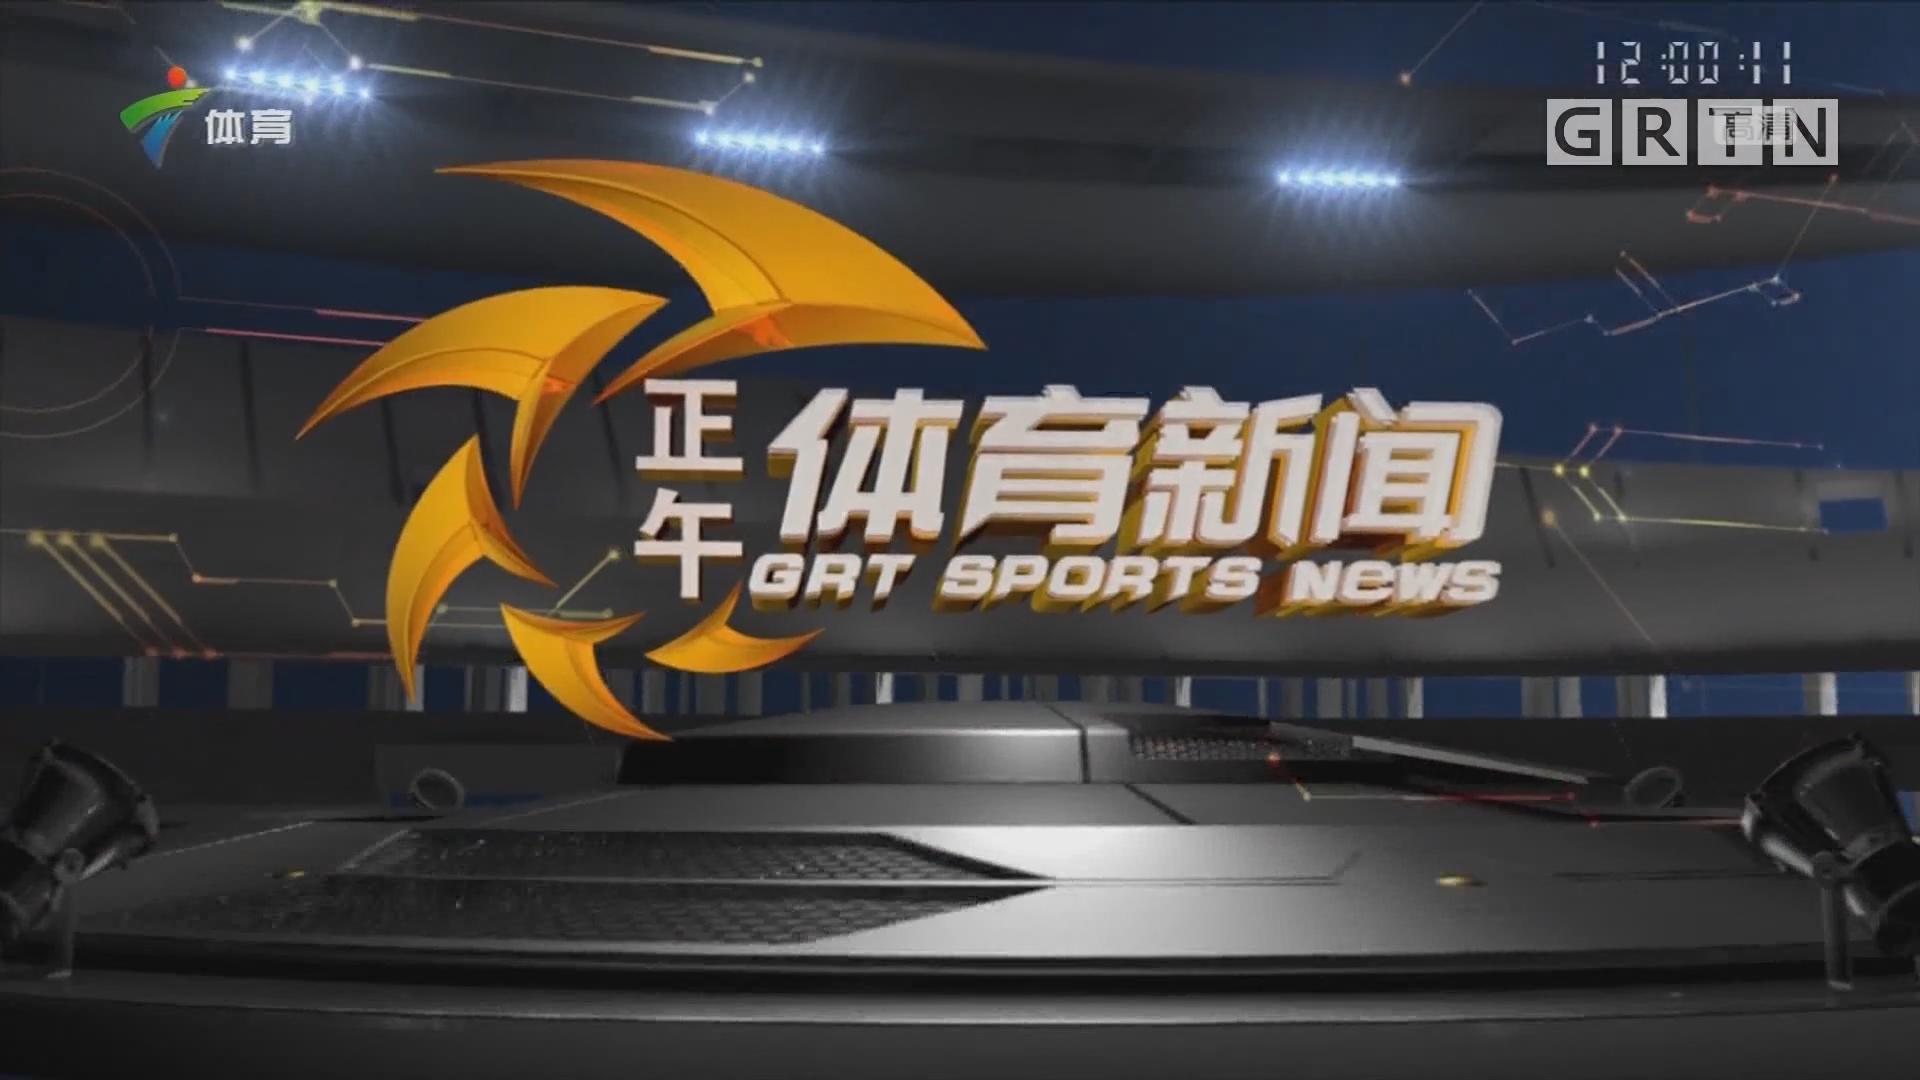 [HD][2019-10-07]正午體育新聞:中國盲人足球隊奪得亞錦賽冠軍